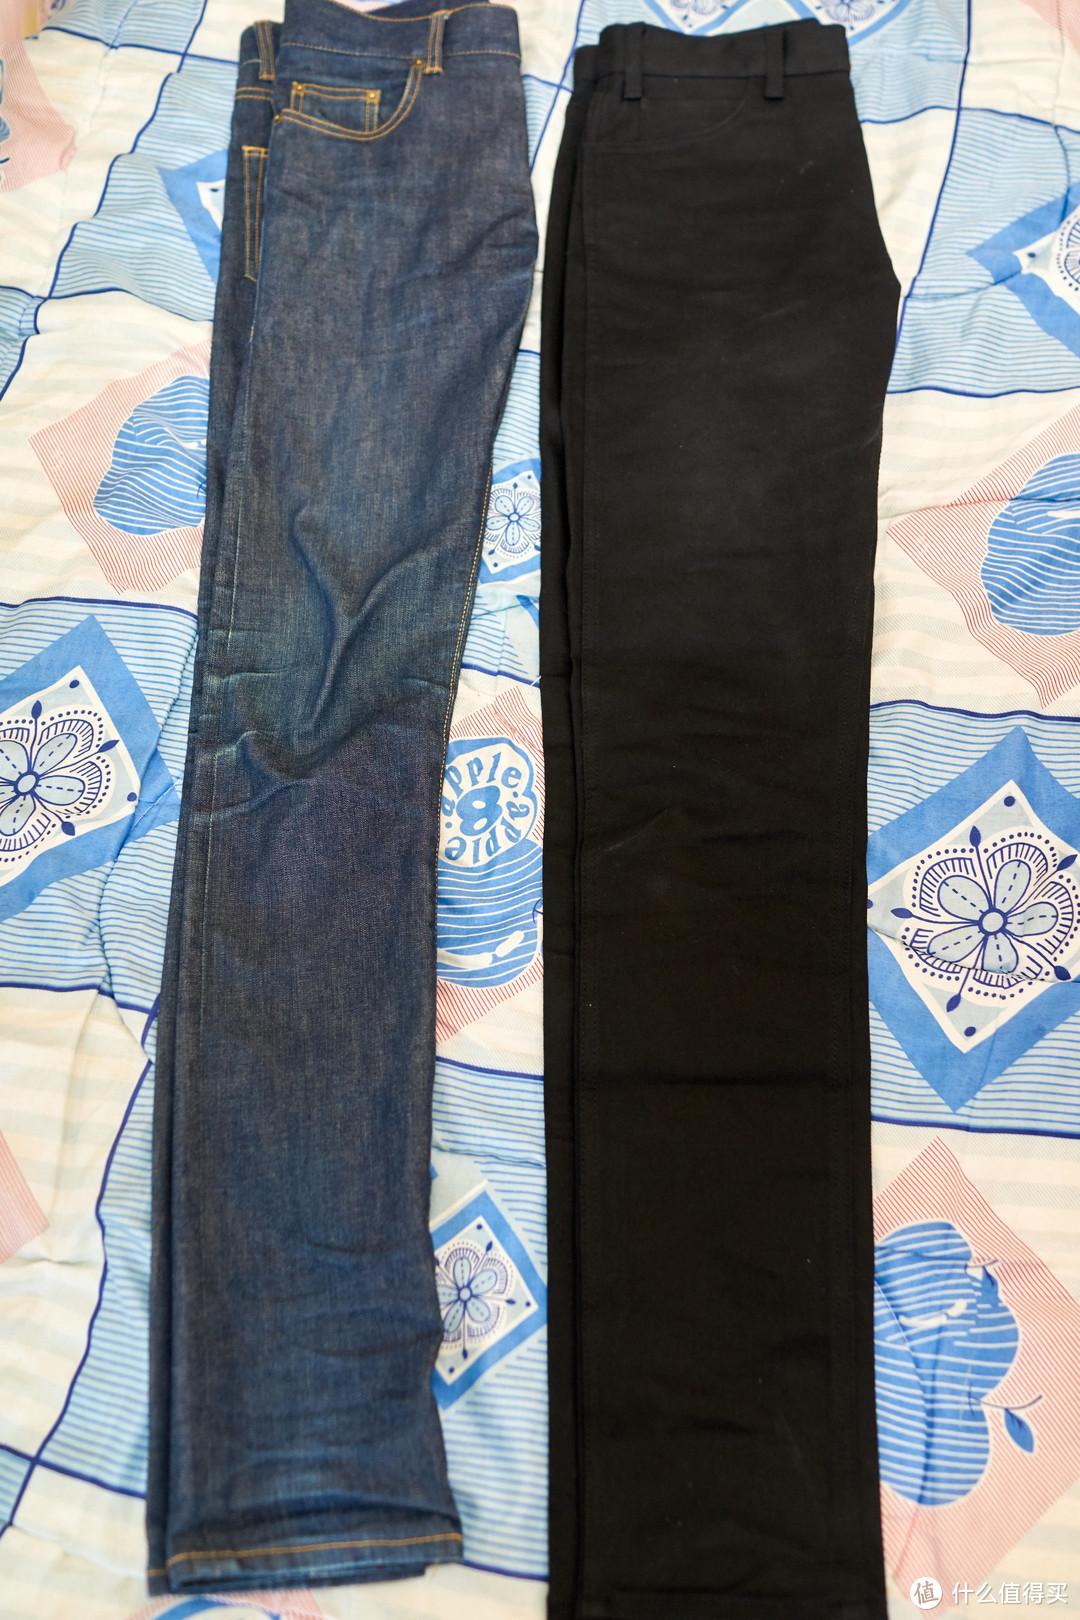 侧面和之前的同尺码的SL牛仔裤对比,虽然这条裤子被我穿出点纹路来了,长度是110cm,比SL(114)短一点点。